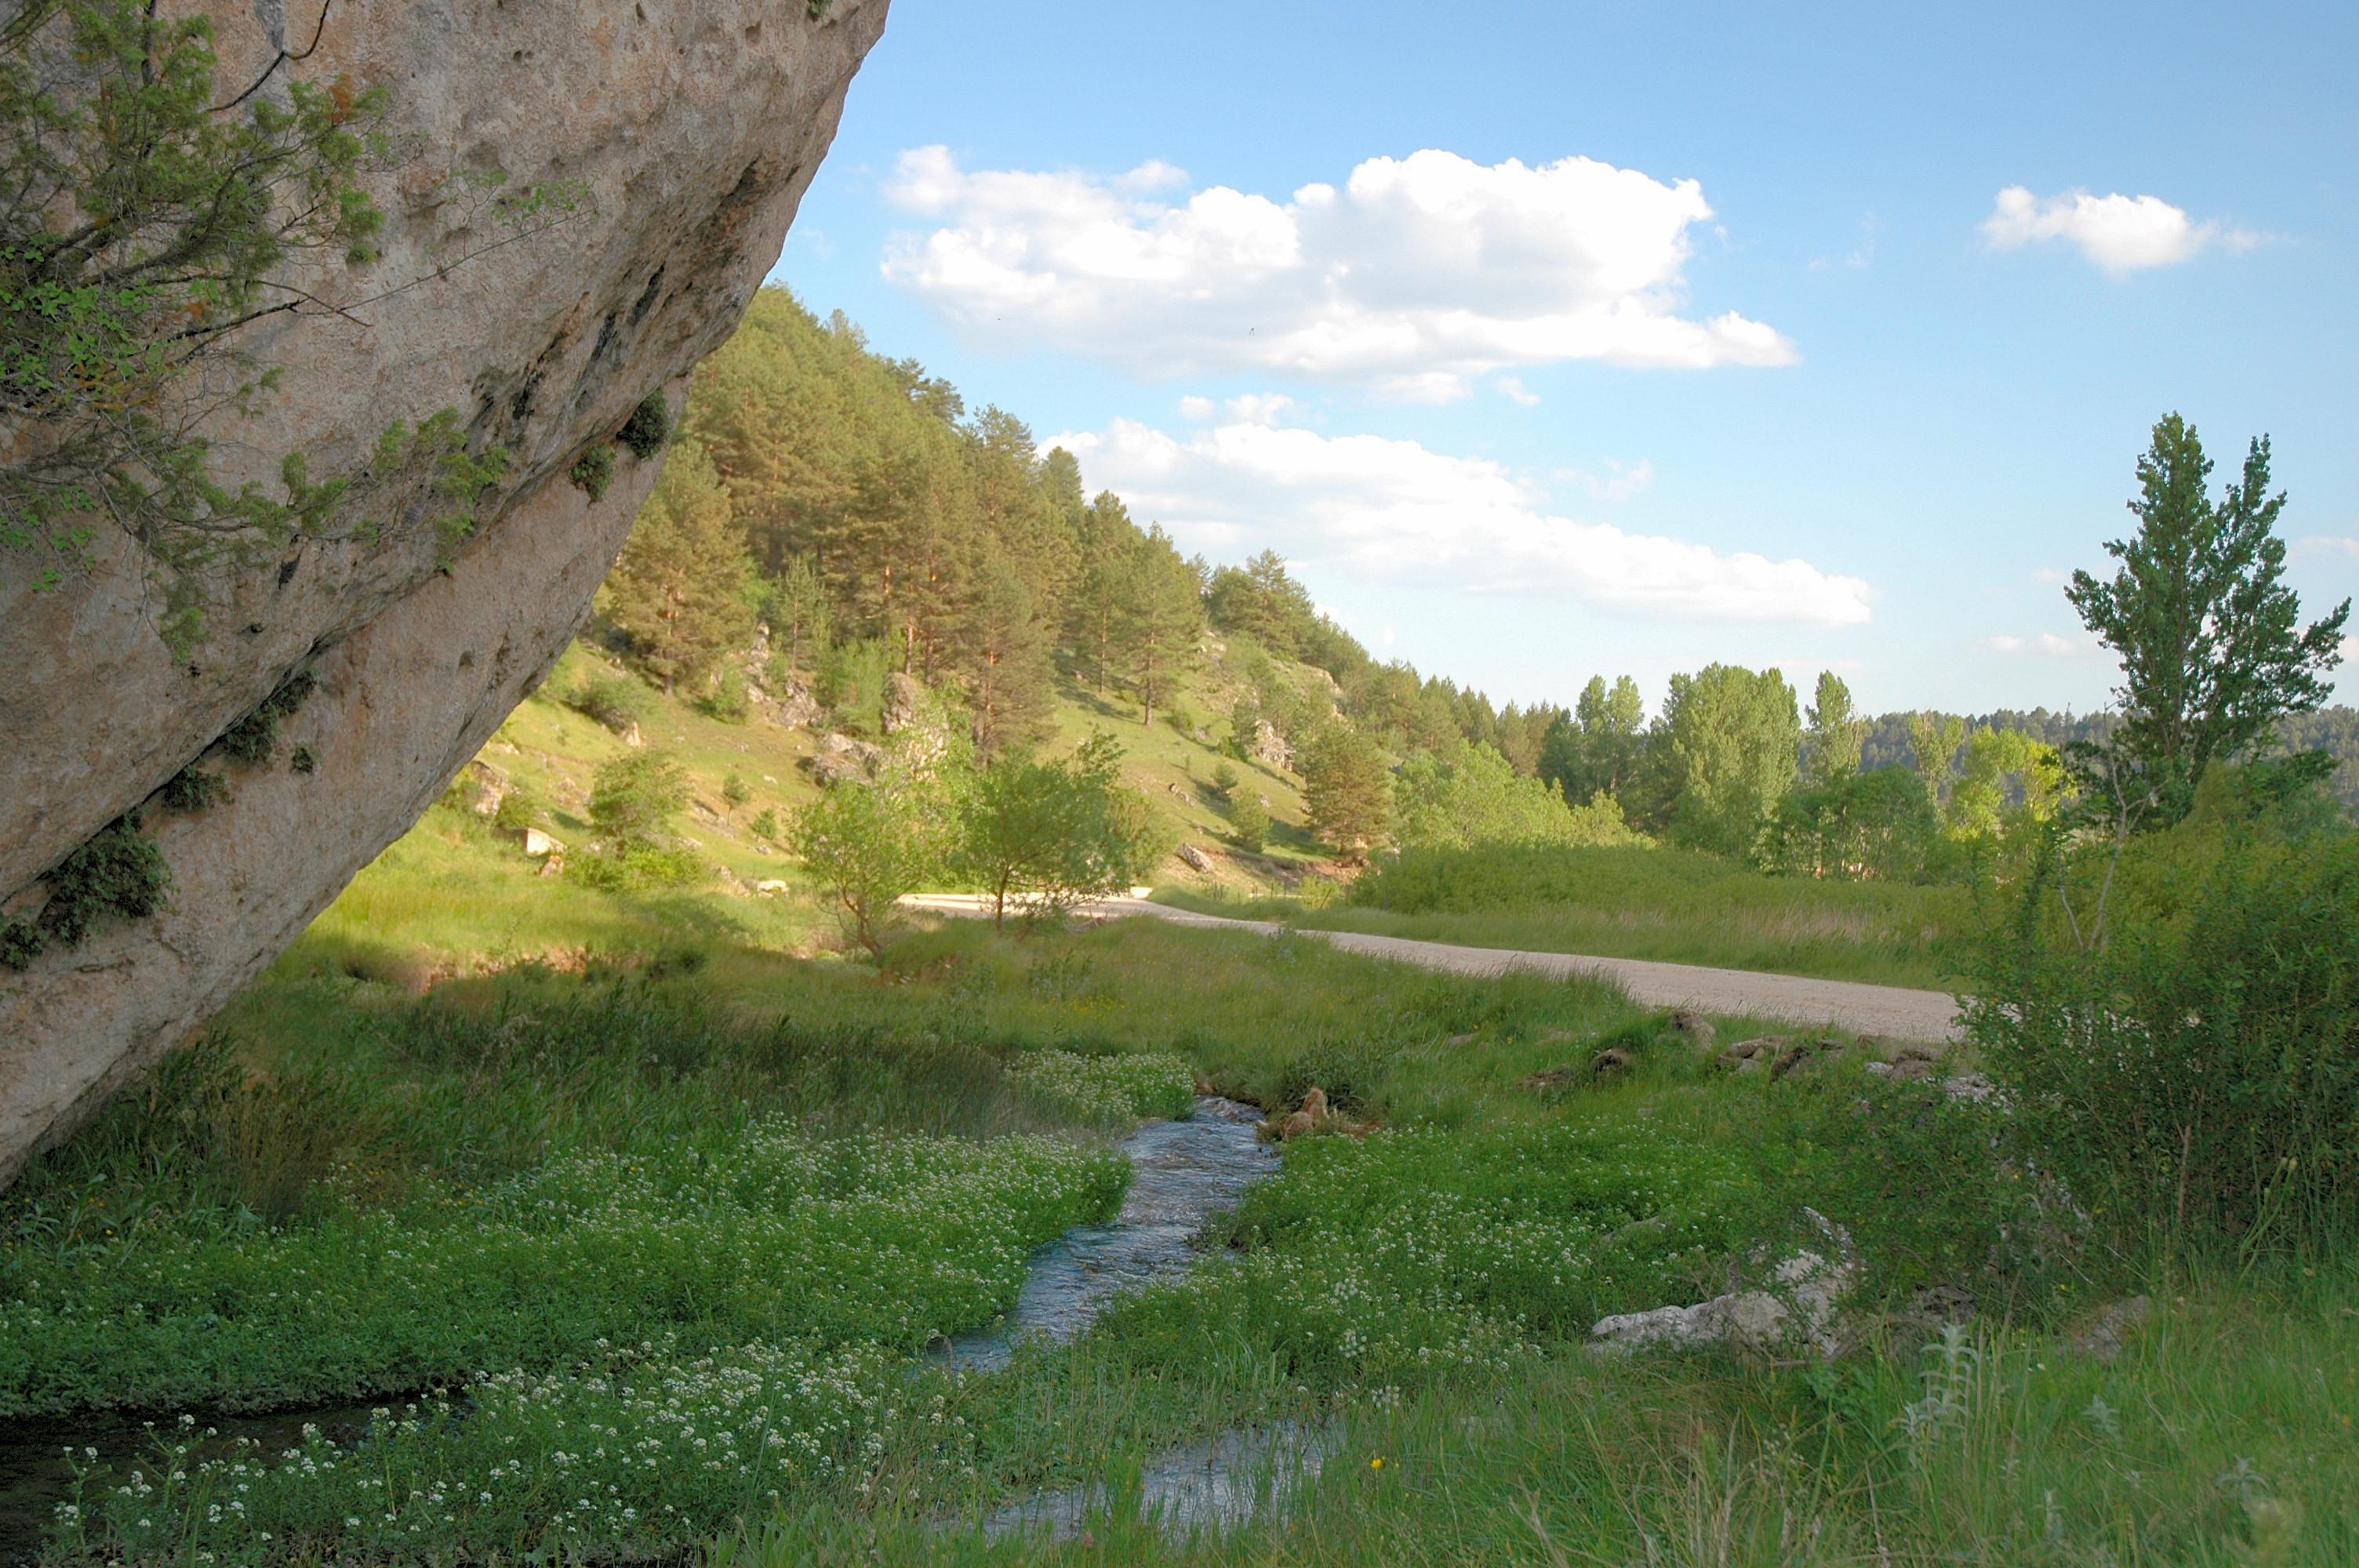 Jornada río Tajo-río Júcar.